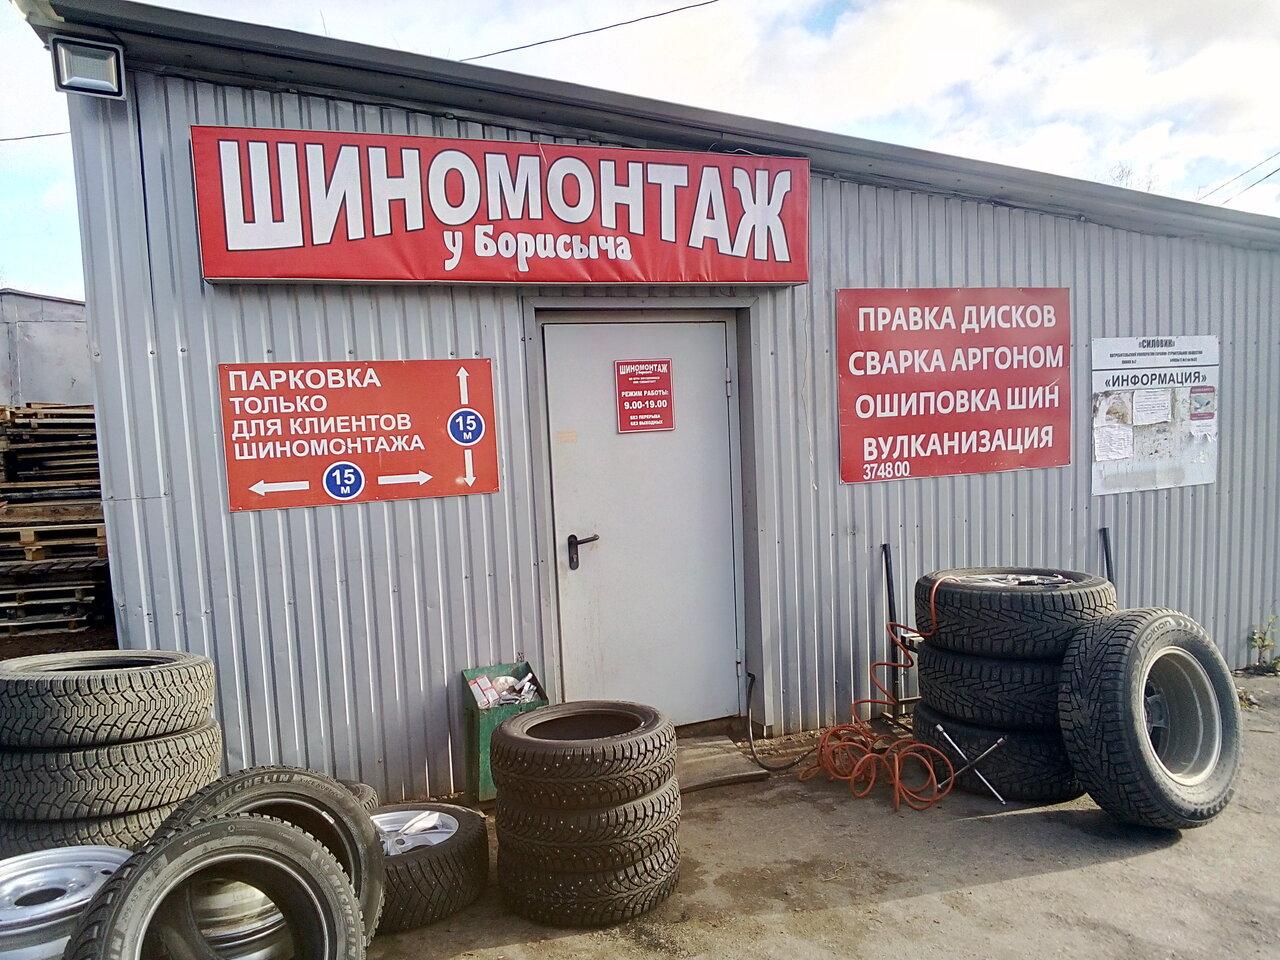 Шиномонтаж саранск элеватор ремонт транспортер т4 в москве